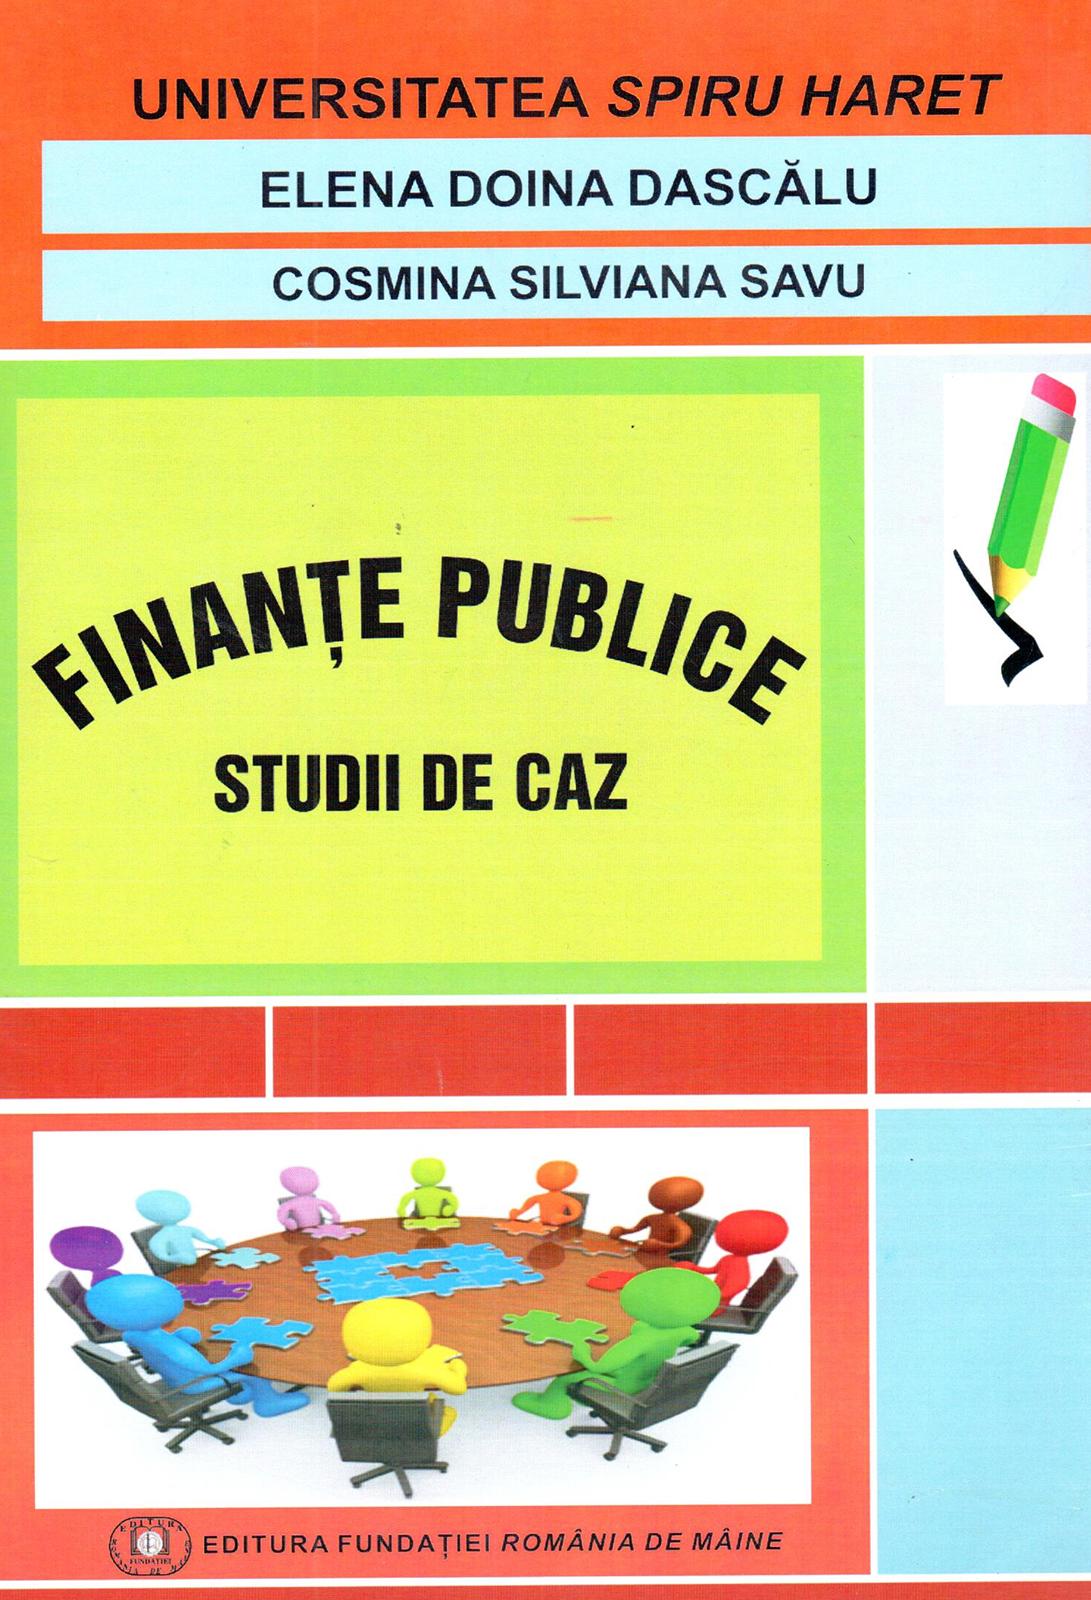 Finante publice - Studii de caz